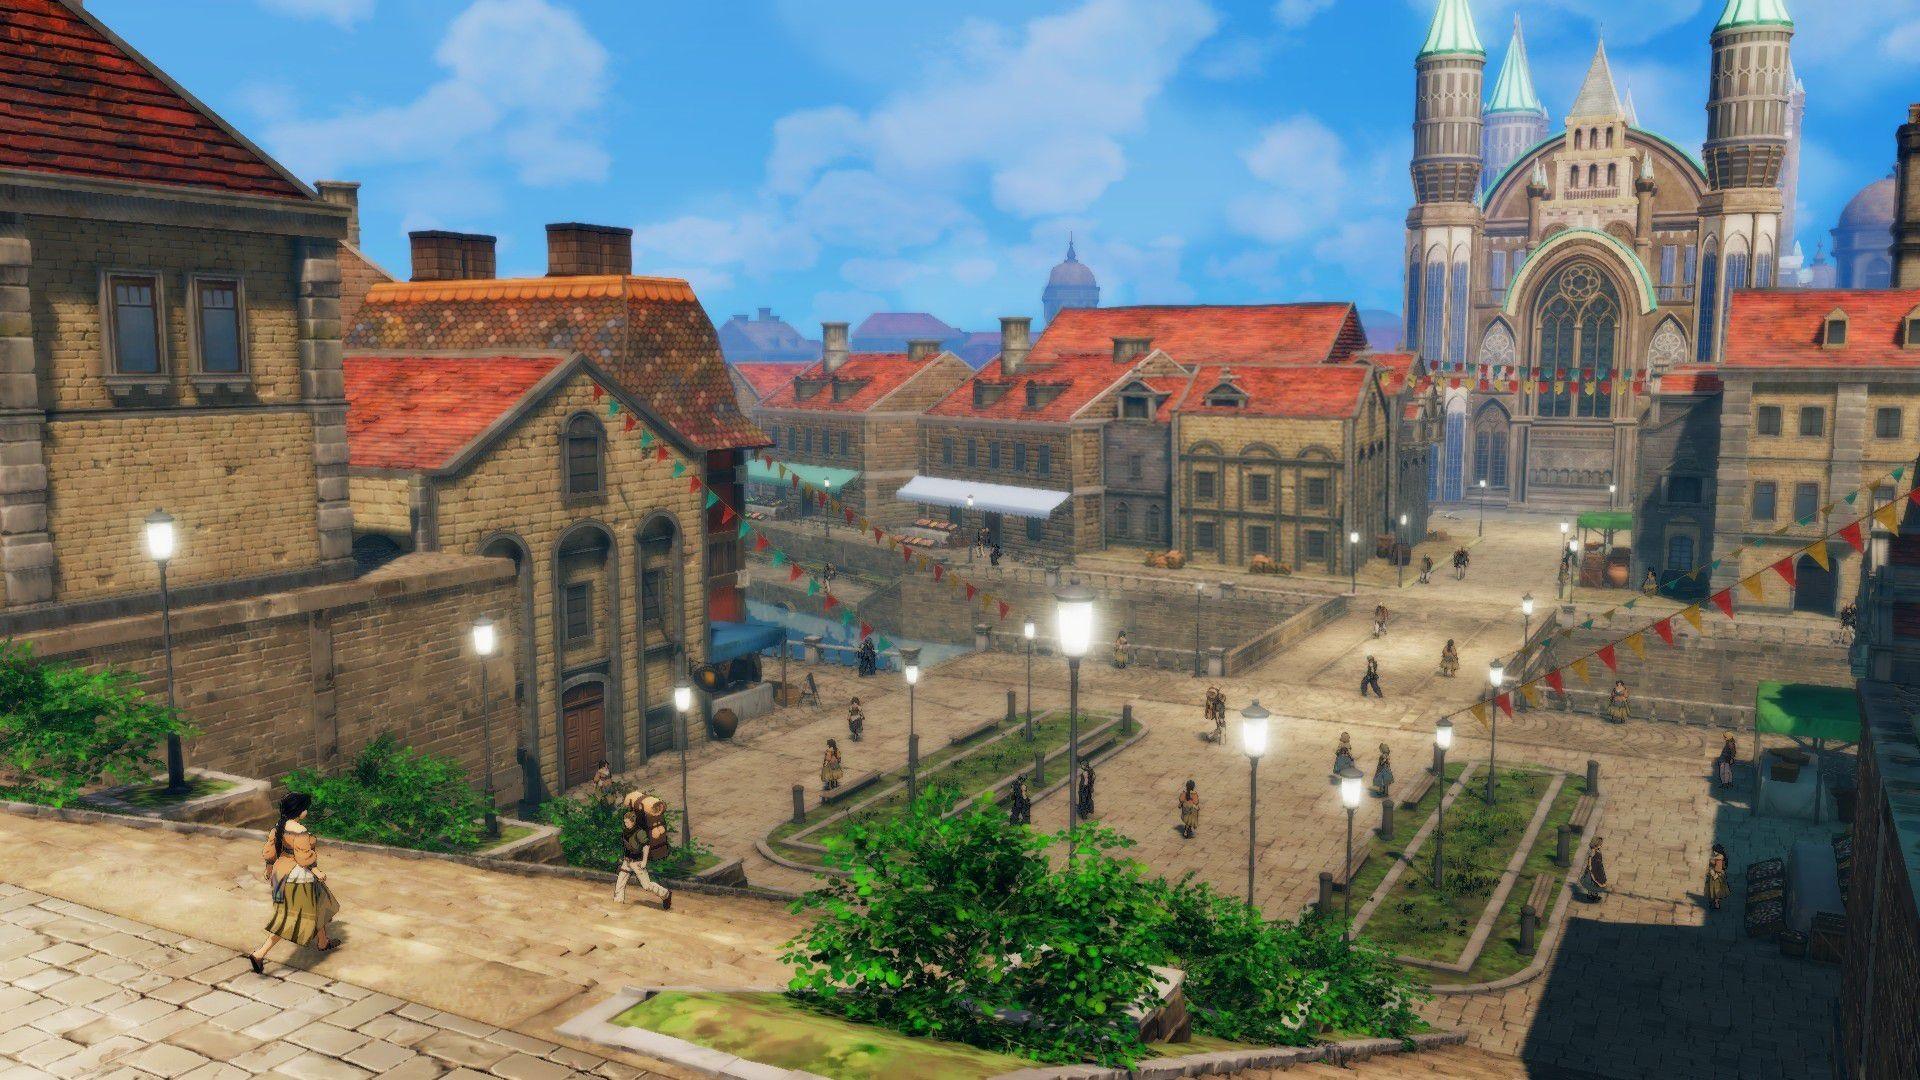 Авторы ролевой игры Fairy Tail показали город Магнолию